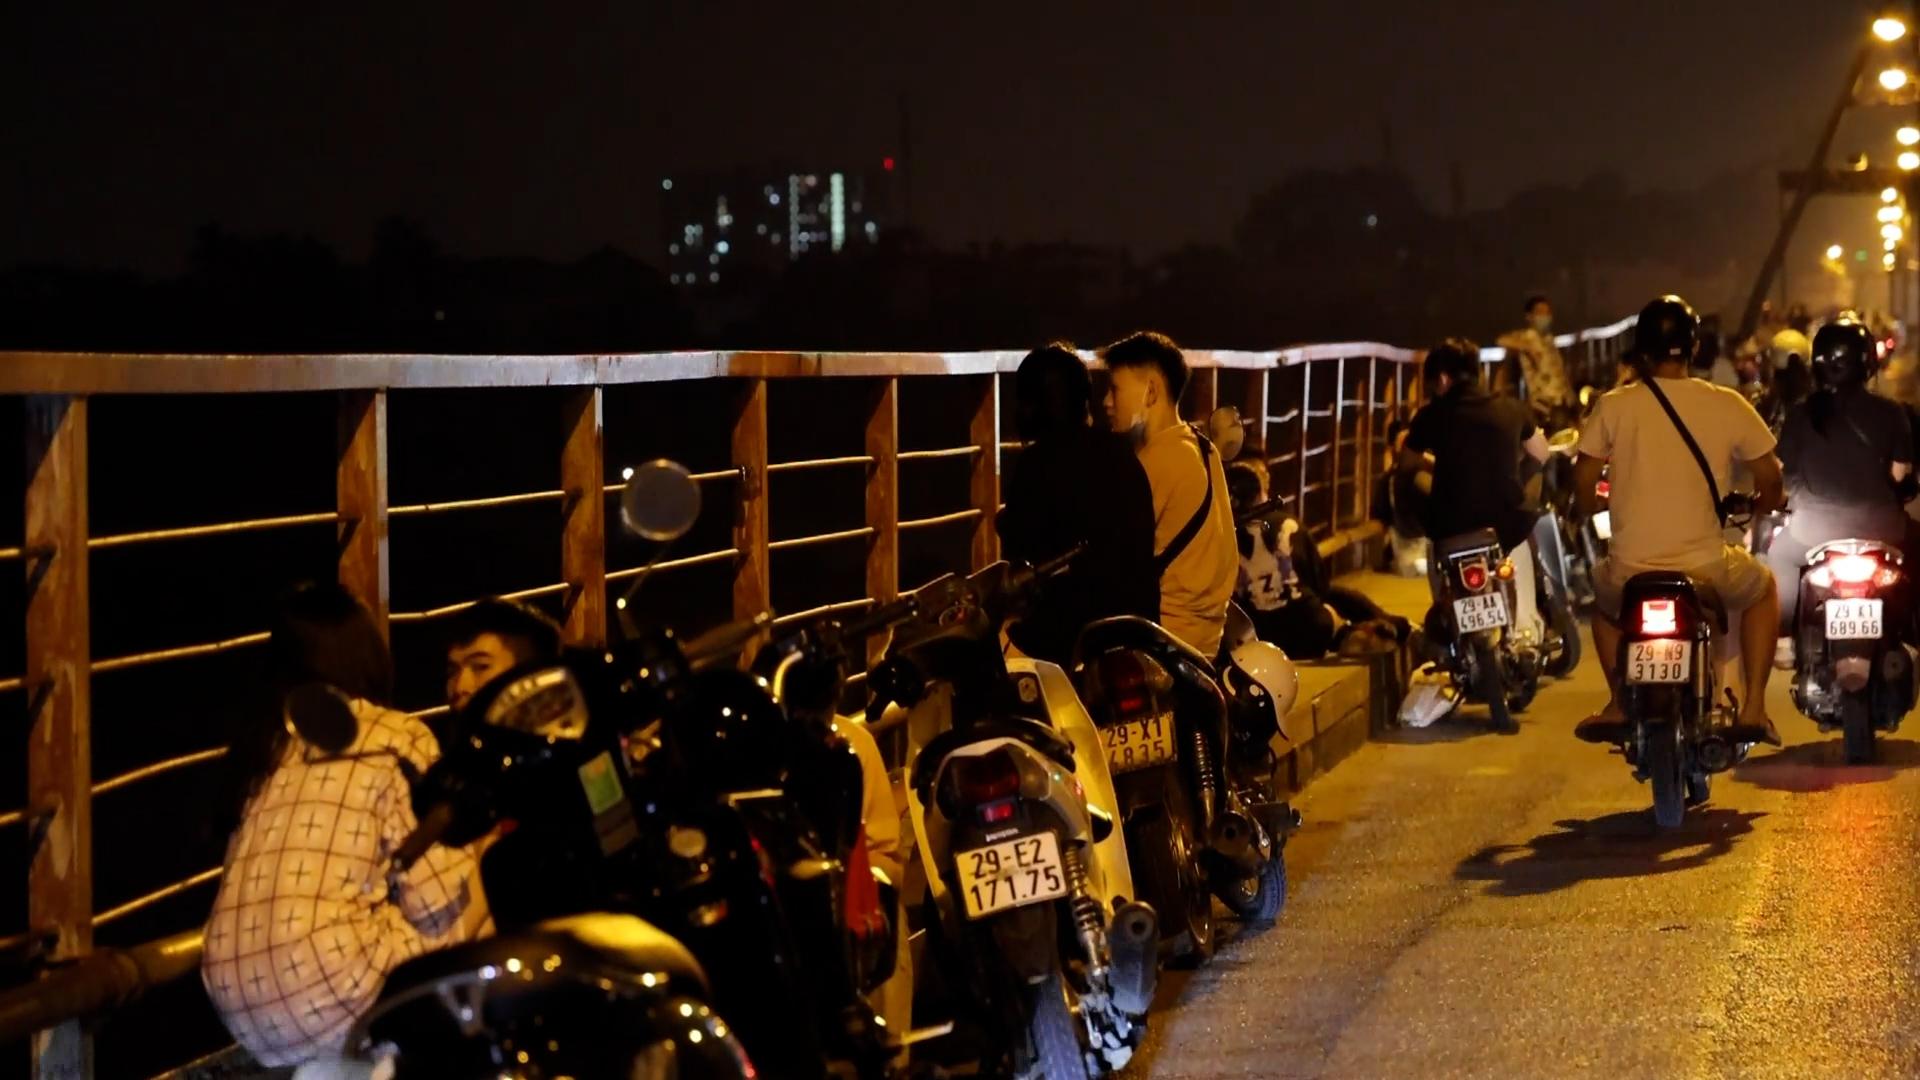 Hà Nội: Bất chấp lệnh cấm, nhiều quán trà đá ngang nhiên mở trên Cầu Long Biên - Ảnh 4.